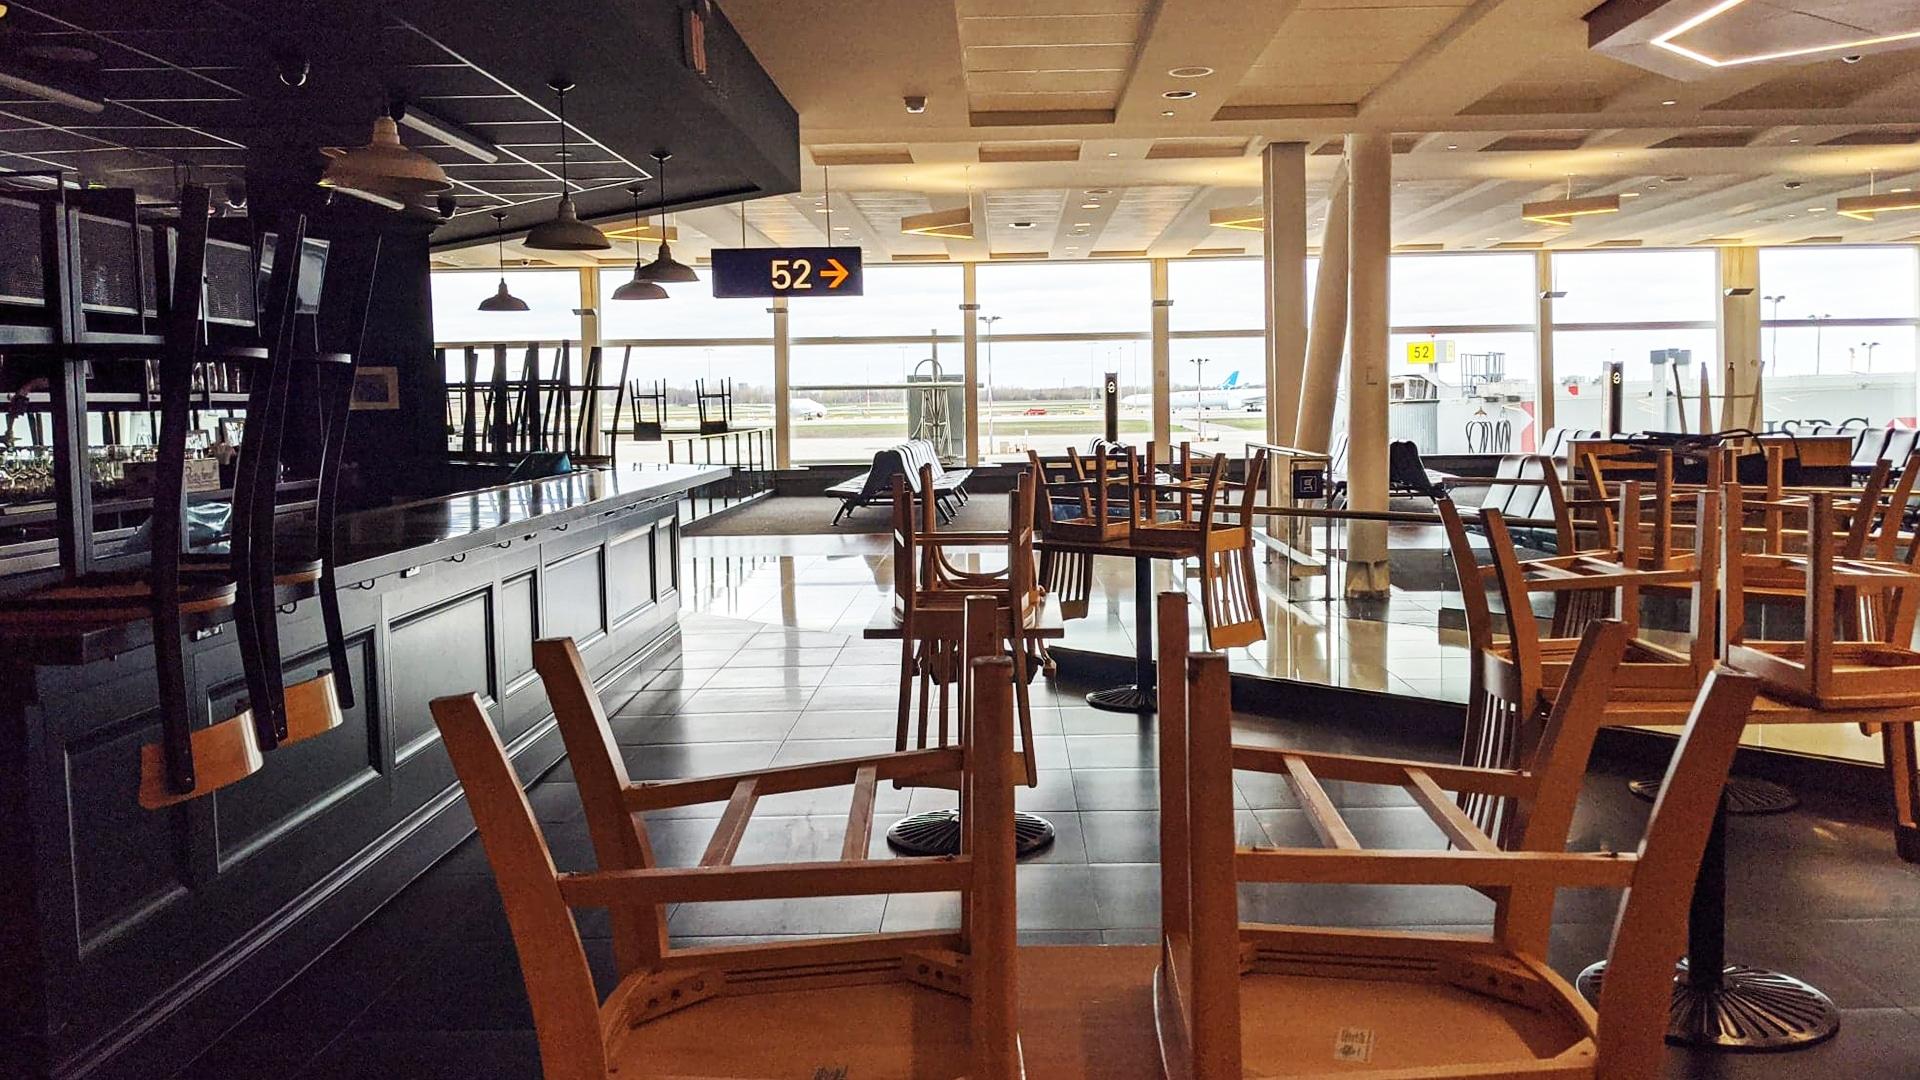 Prendre l'avion pendant le coronavirus : les restaurants sont fermés